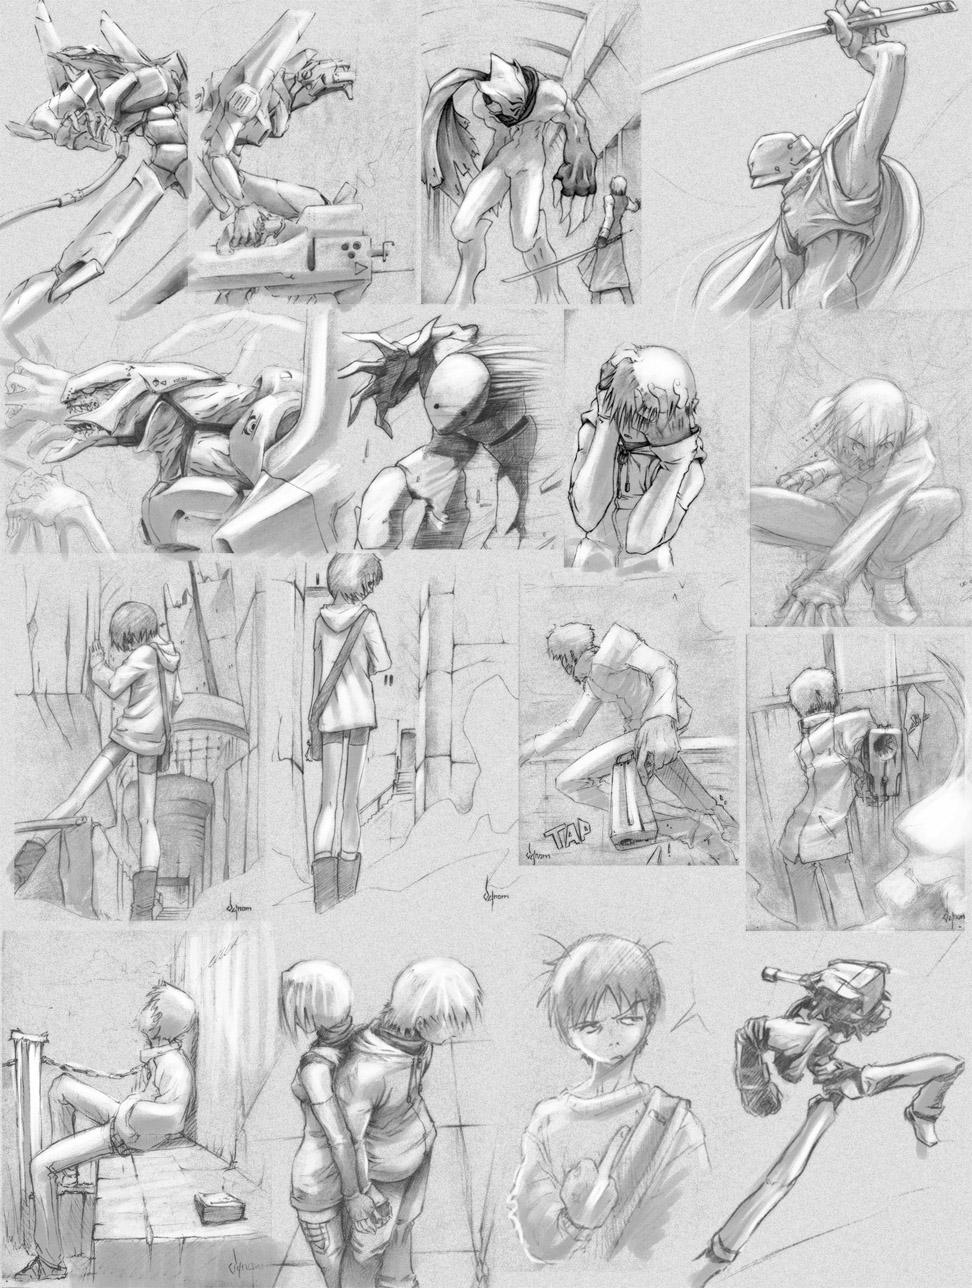 Random sketch by V-nom